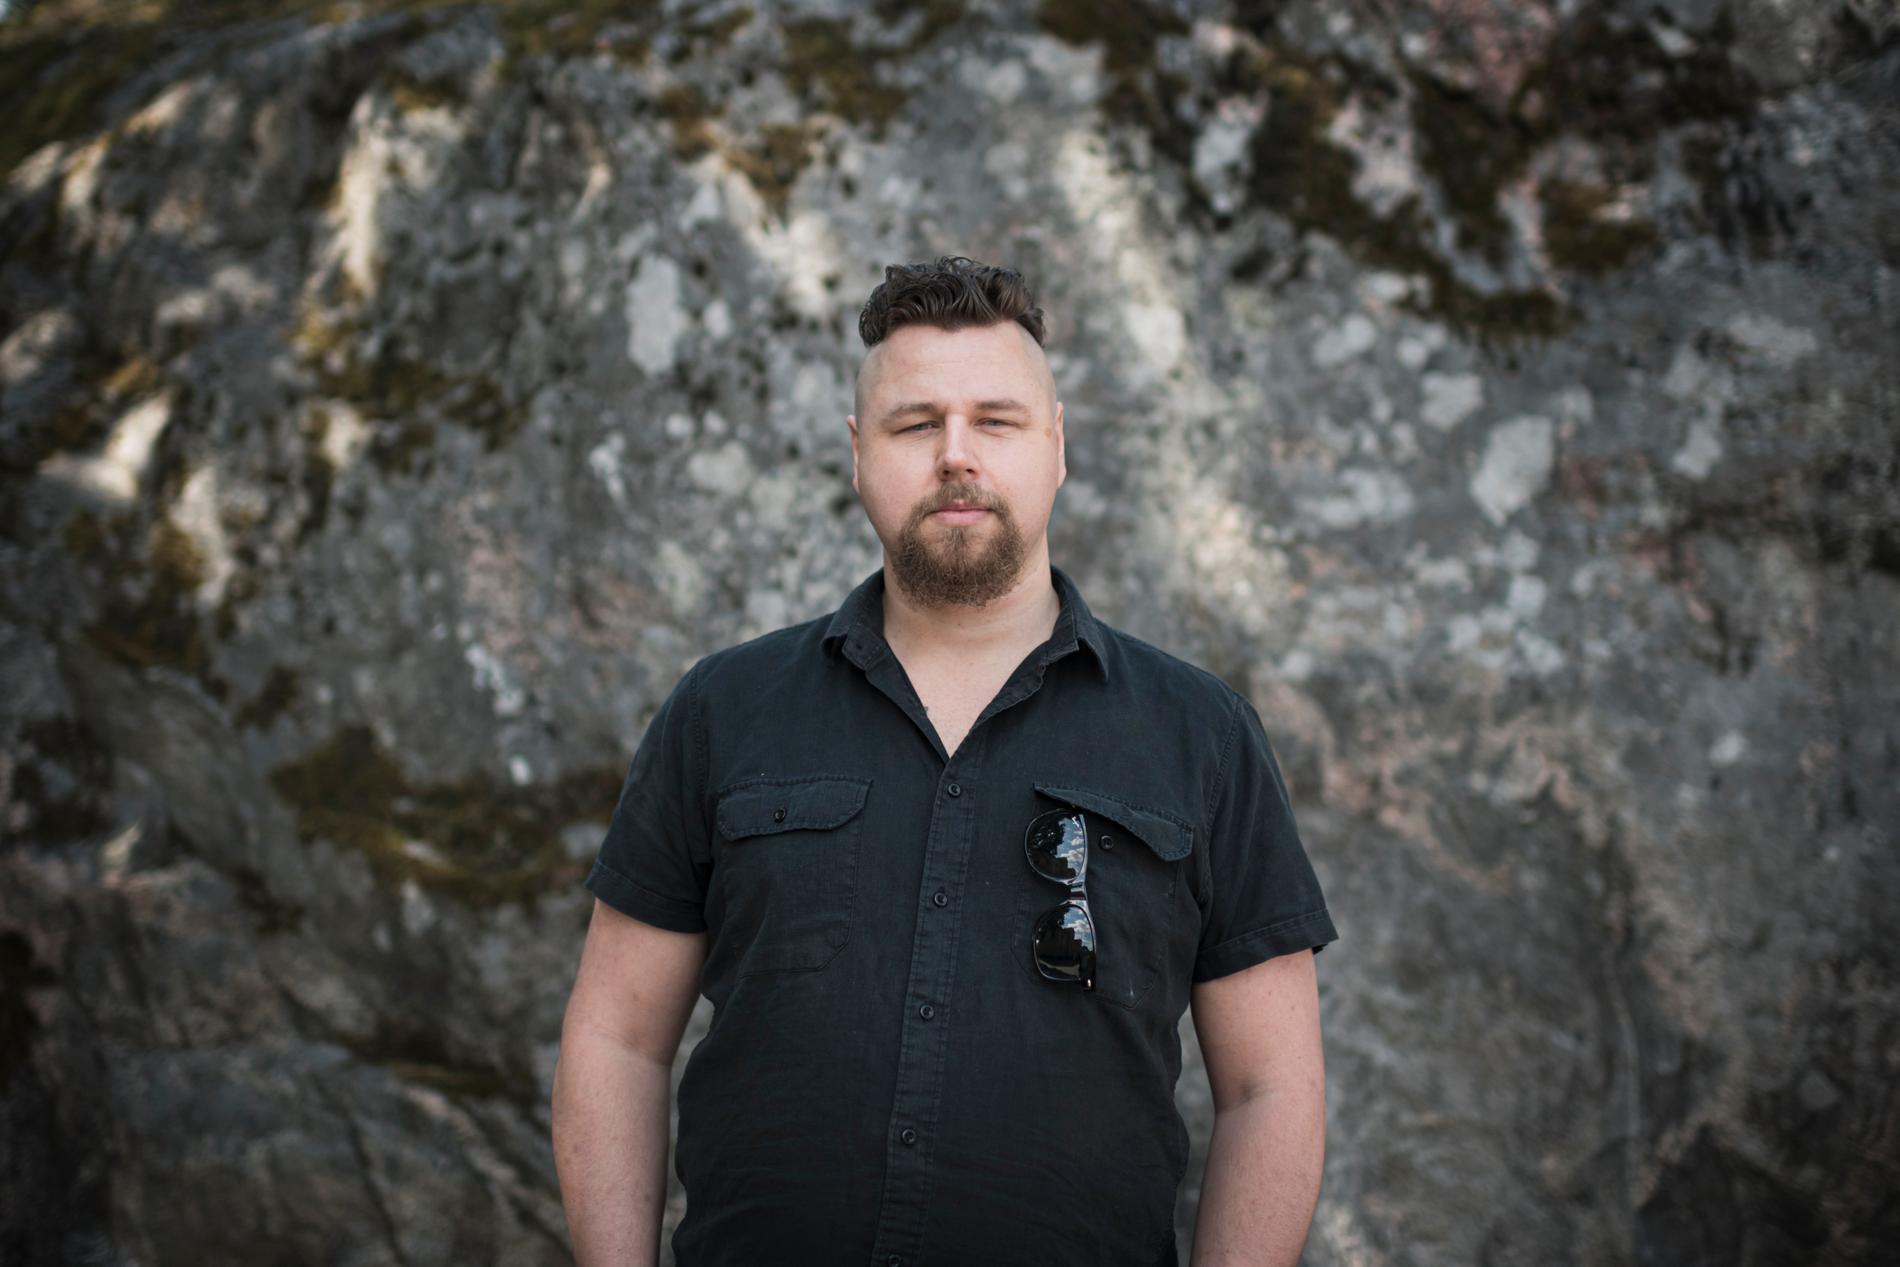 Thobias Larsson intervjuades av Aftonbladet om sin arbetslöshet 2006. I dag har han fortfarande inte fått en fast anställning.